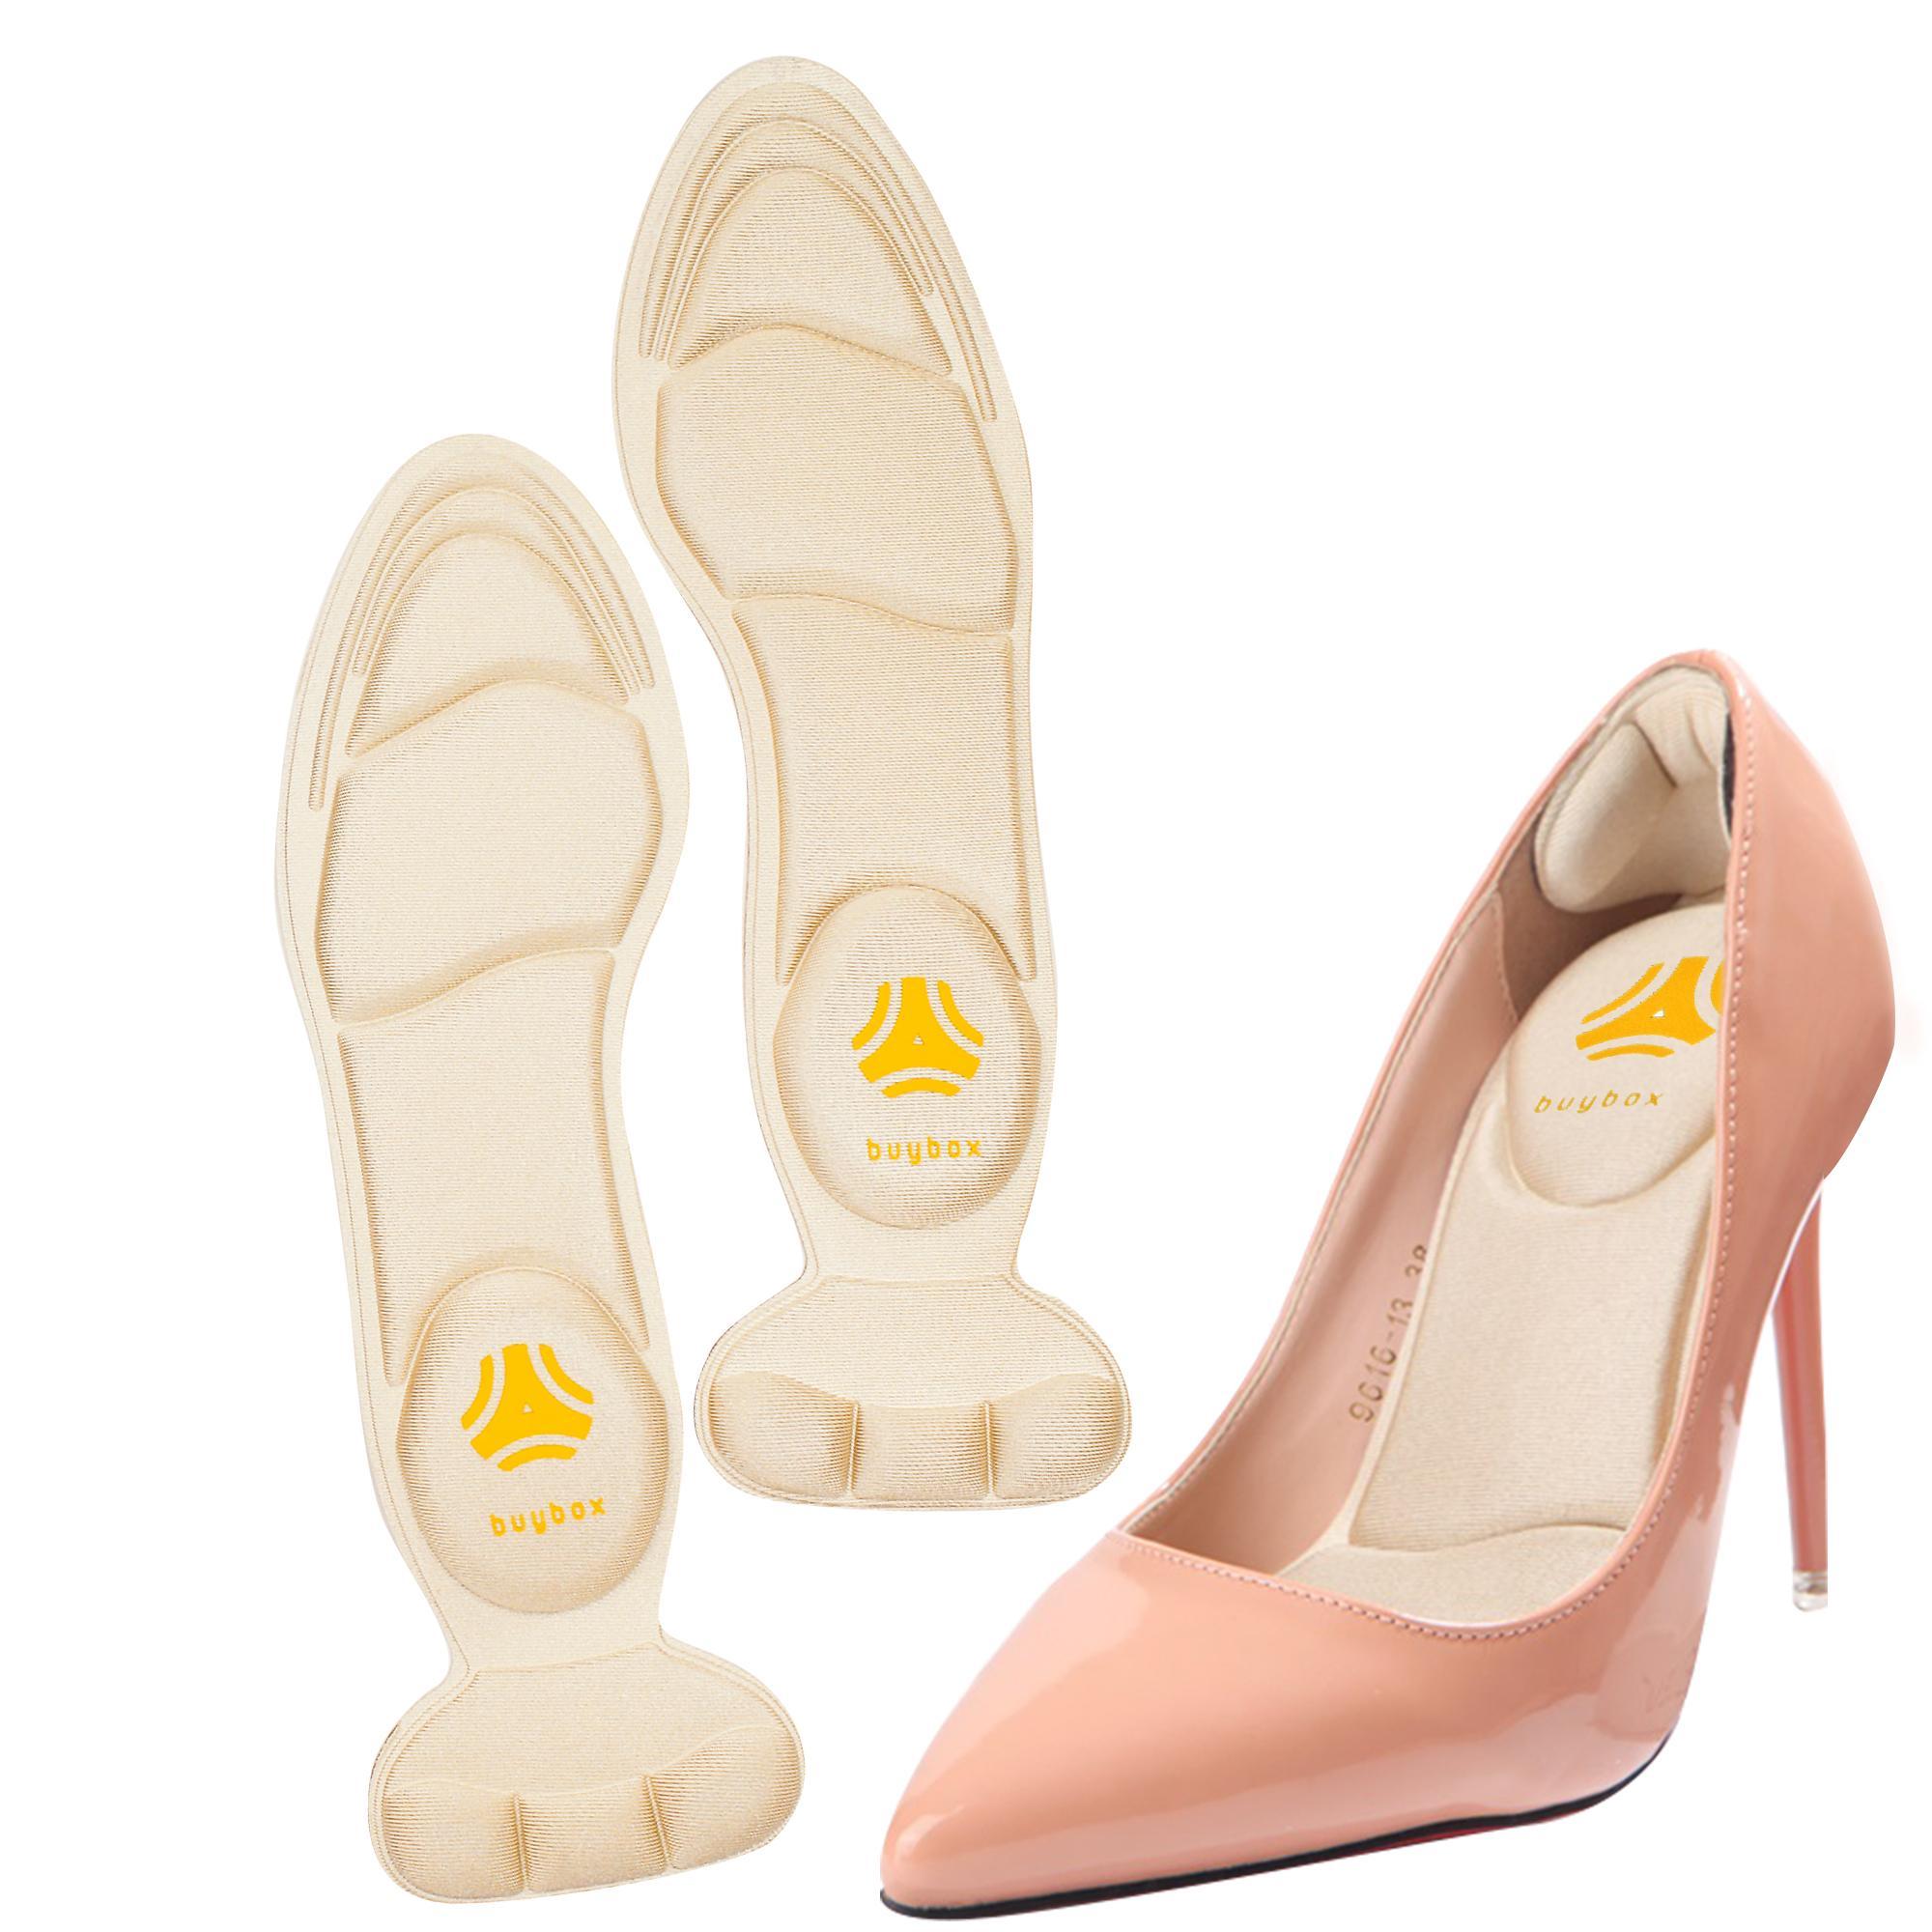 Miếng lót giảm size cho giày bị rộng Cao Cấp, lót giày êm chân và thoáng khí - buybox - BBPK11